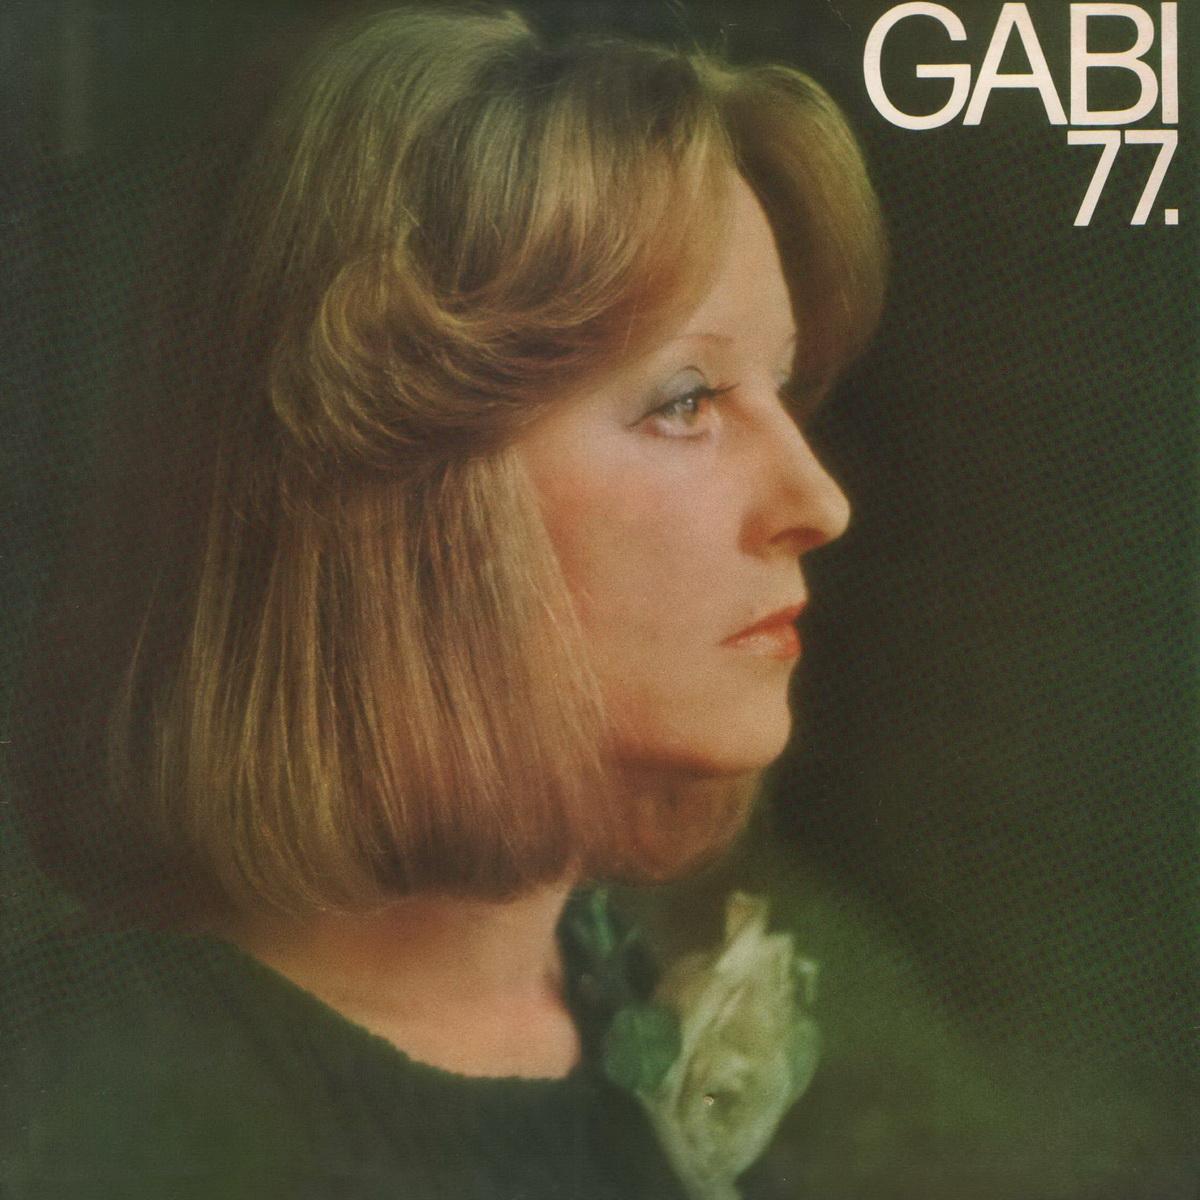 Gabi Novak 1977 Gabi 77 A